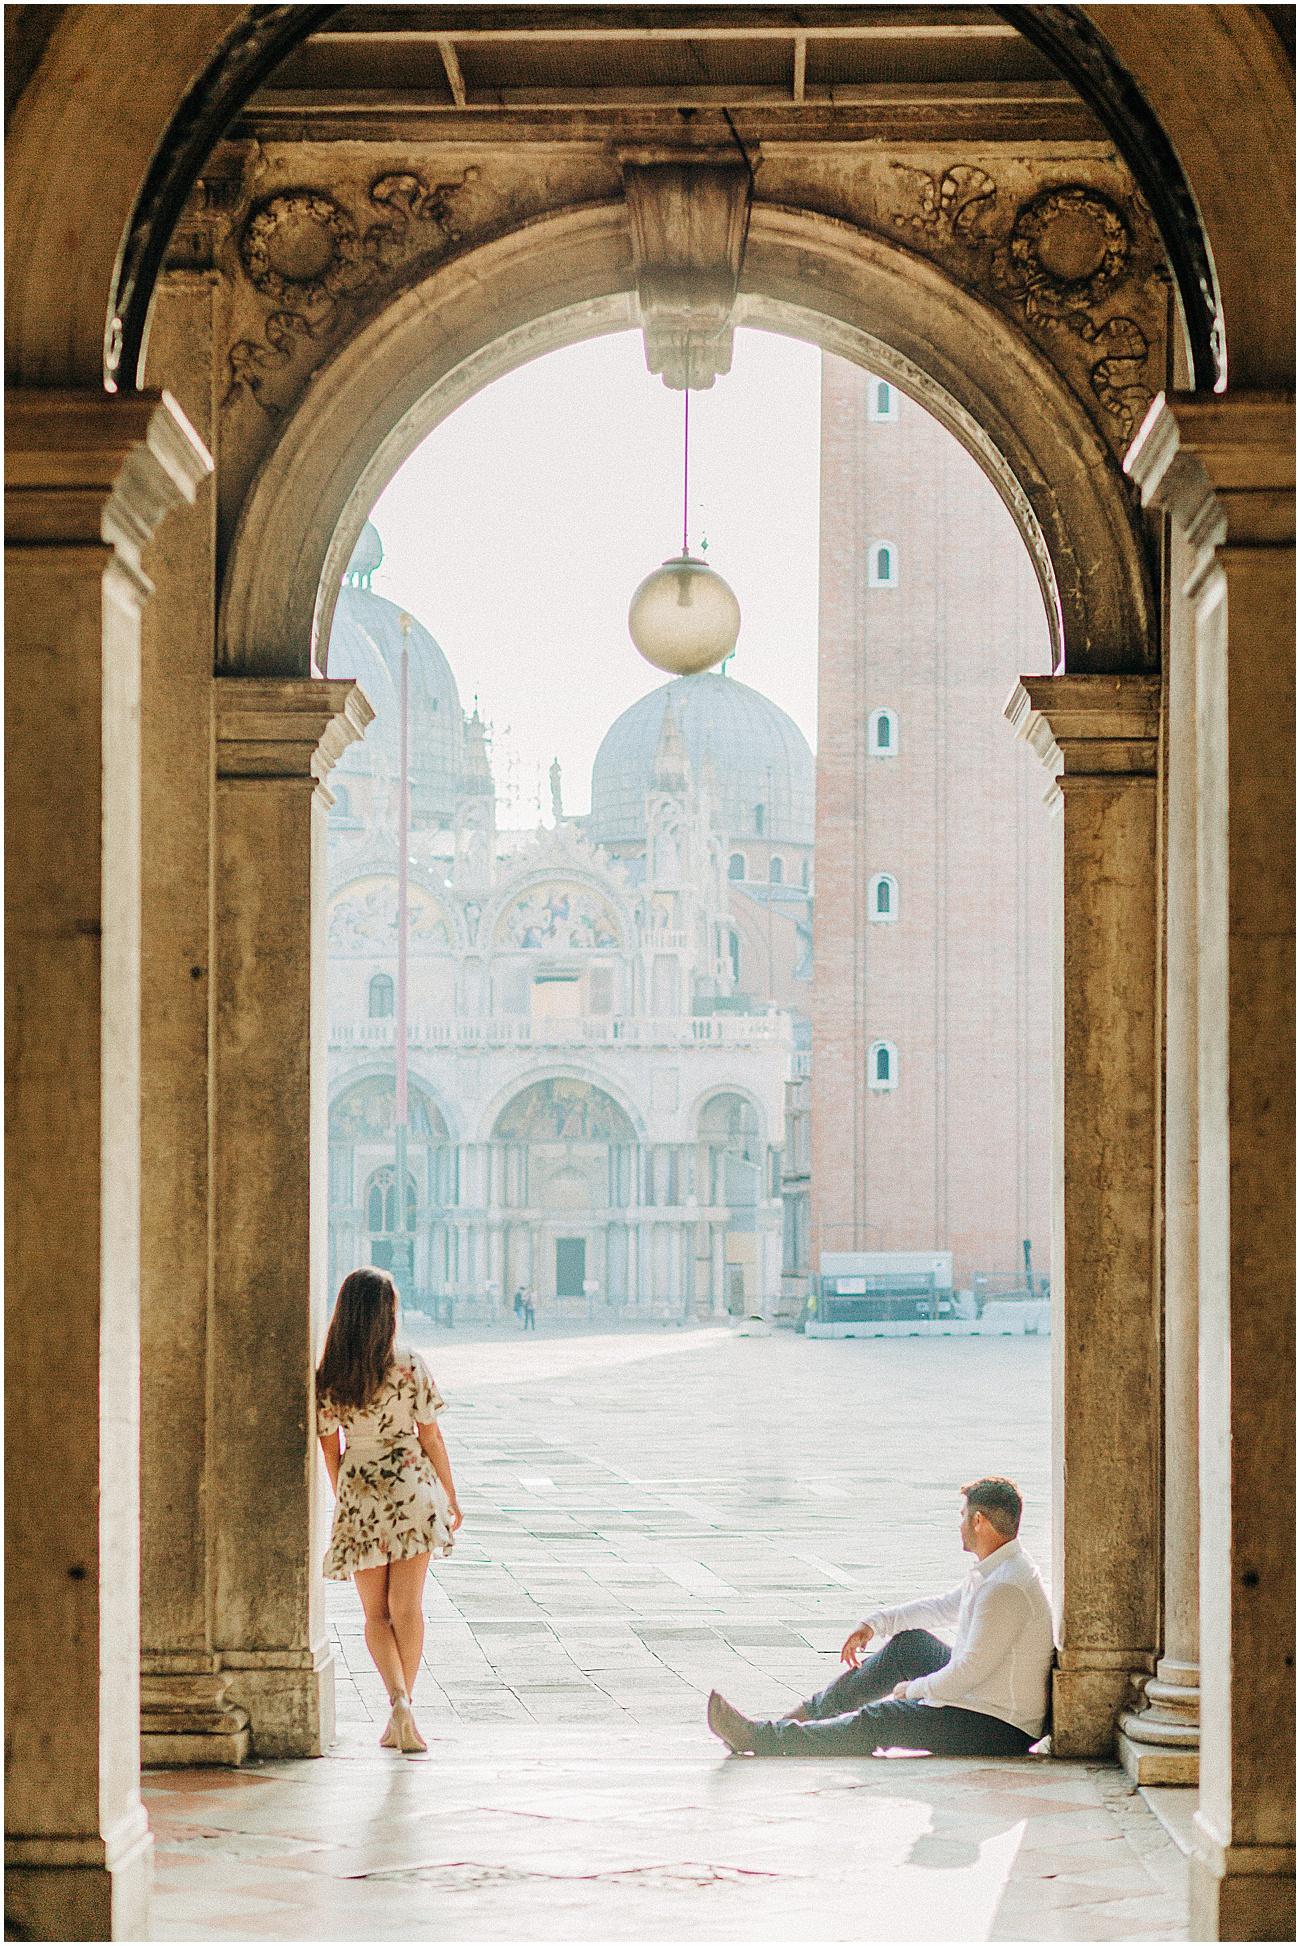 couple-lifestyle-photoshoot-in-venice-gondola-sunrise-stefano-degirmenci_0157.jpg